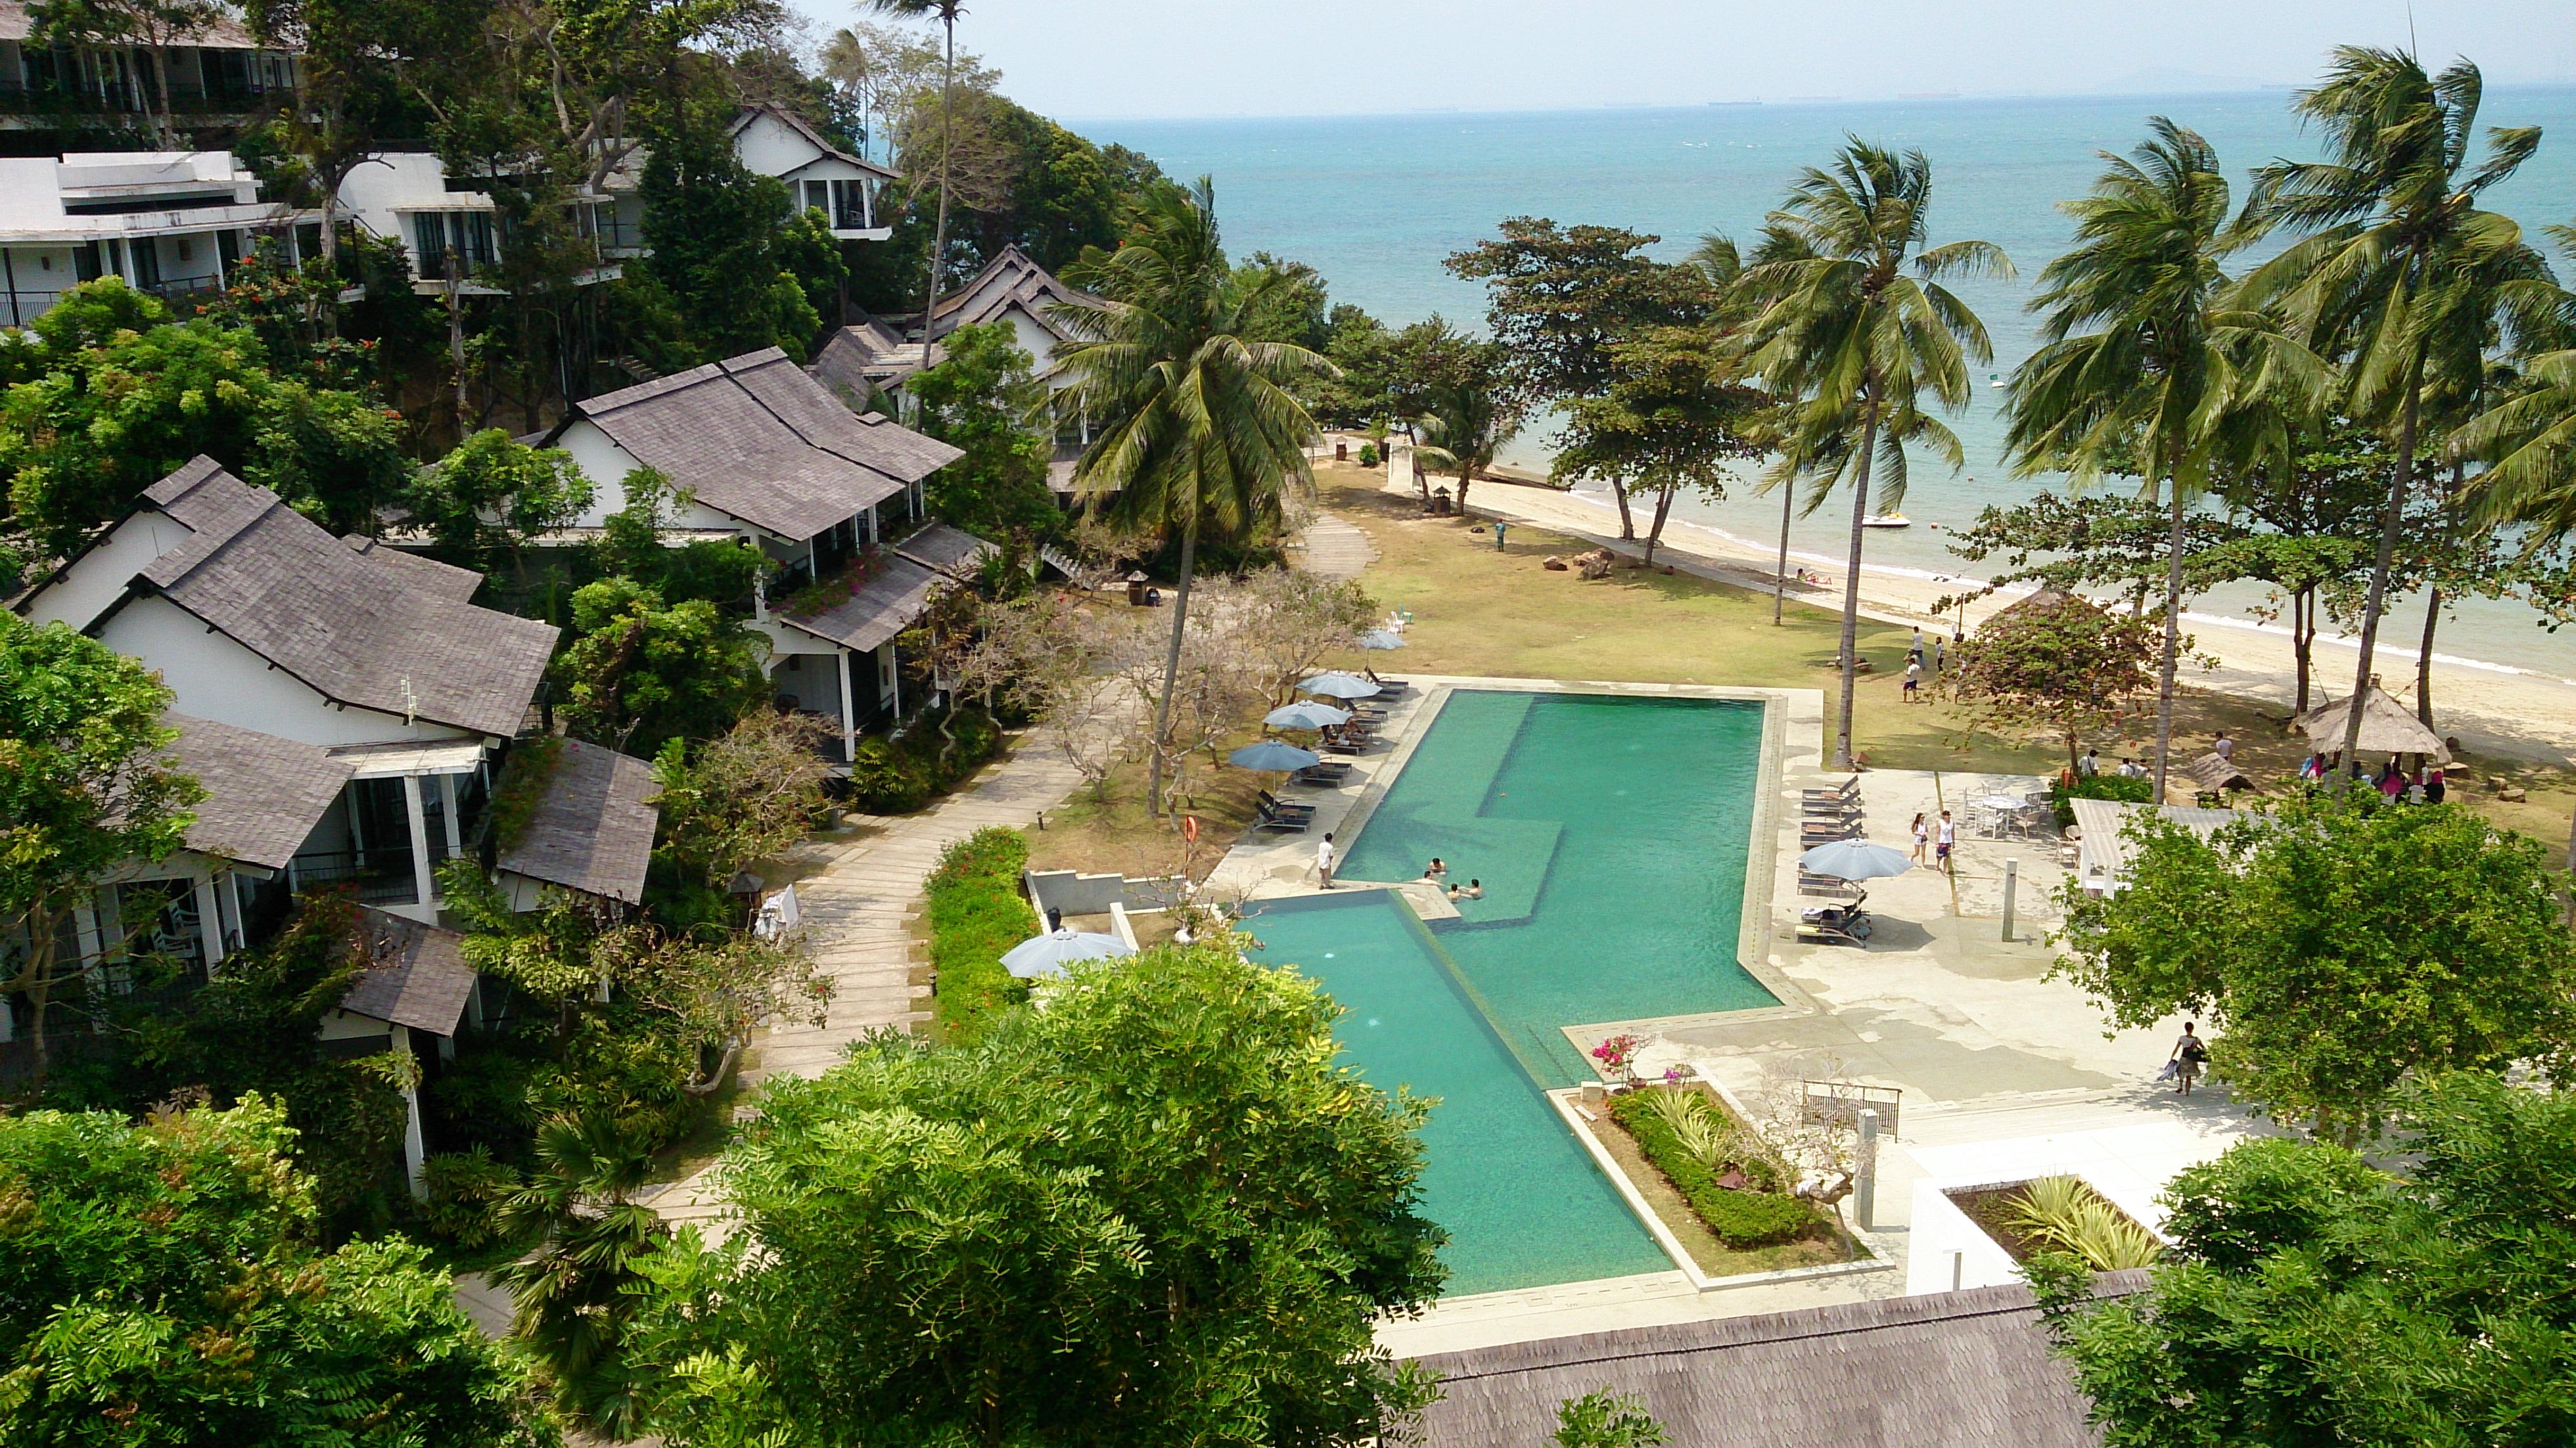 Beach Resorts In Danao Cebu Philippines